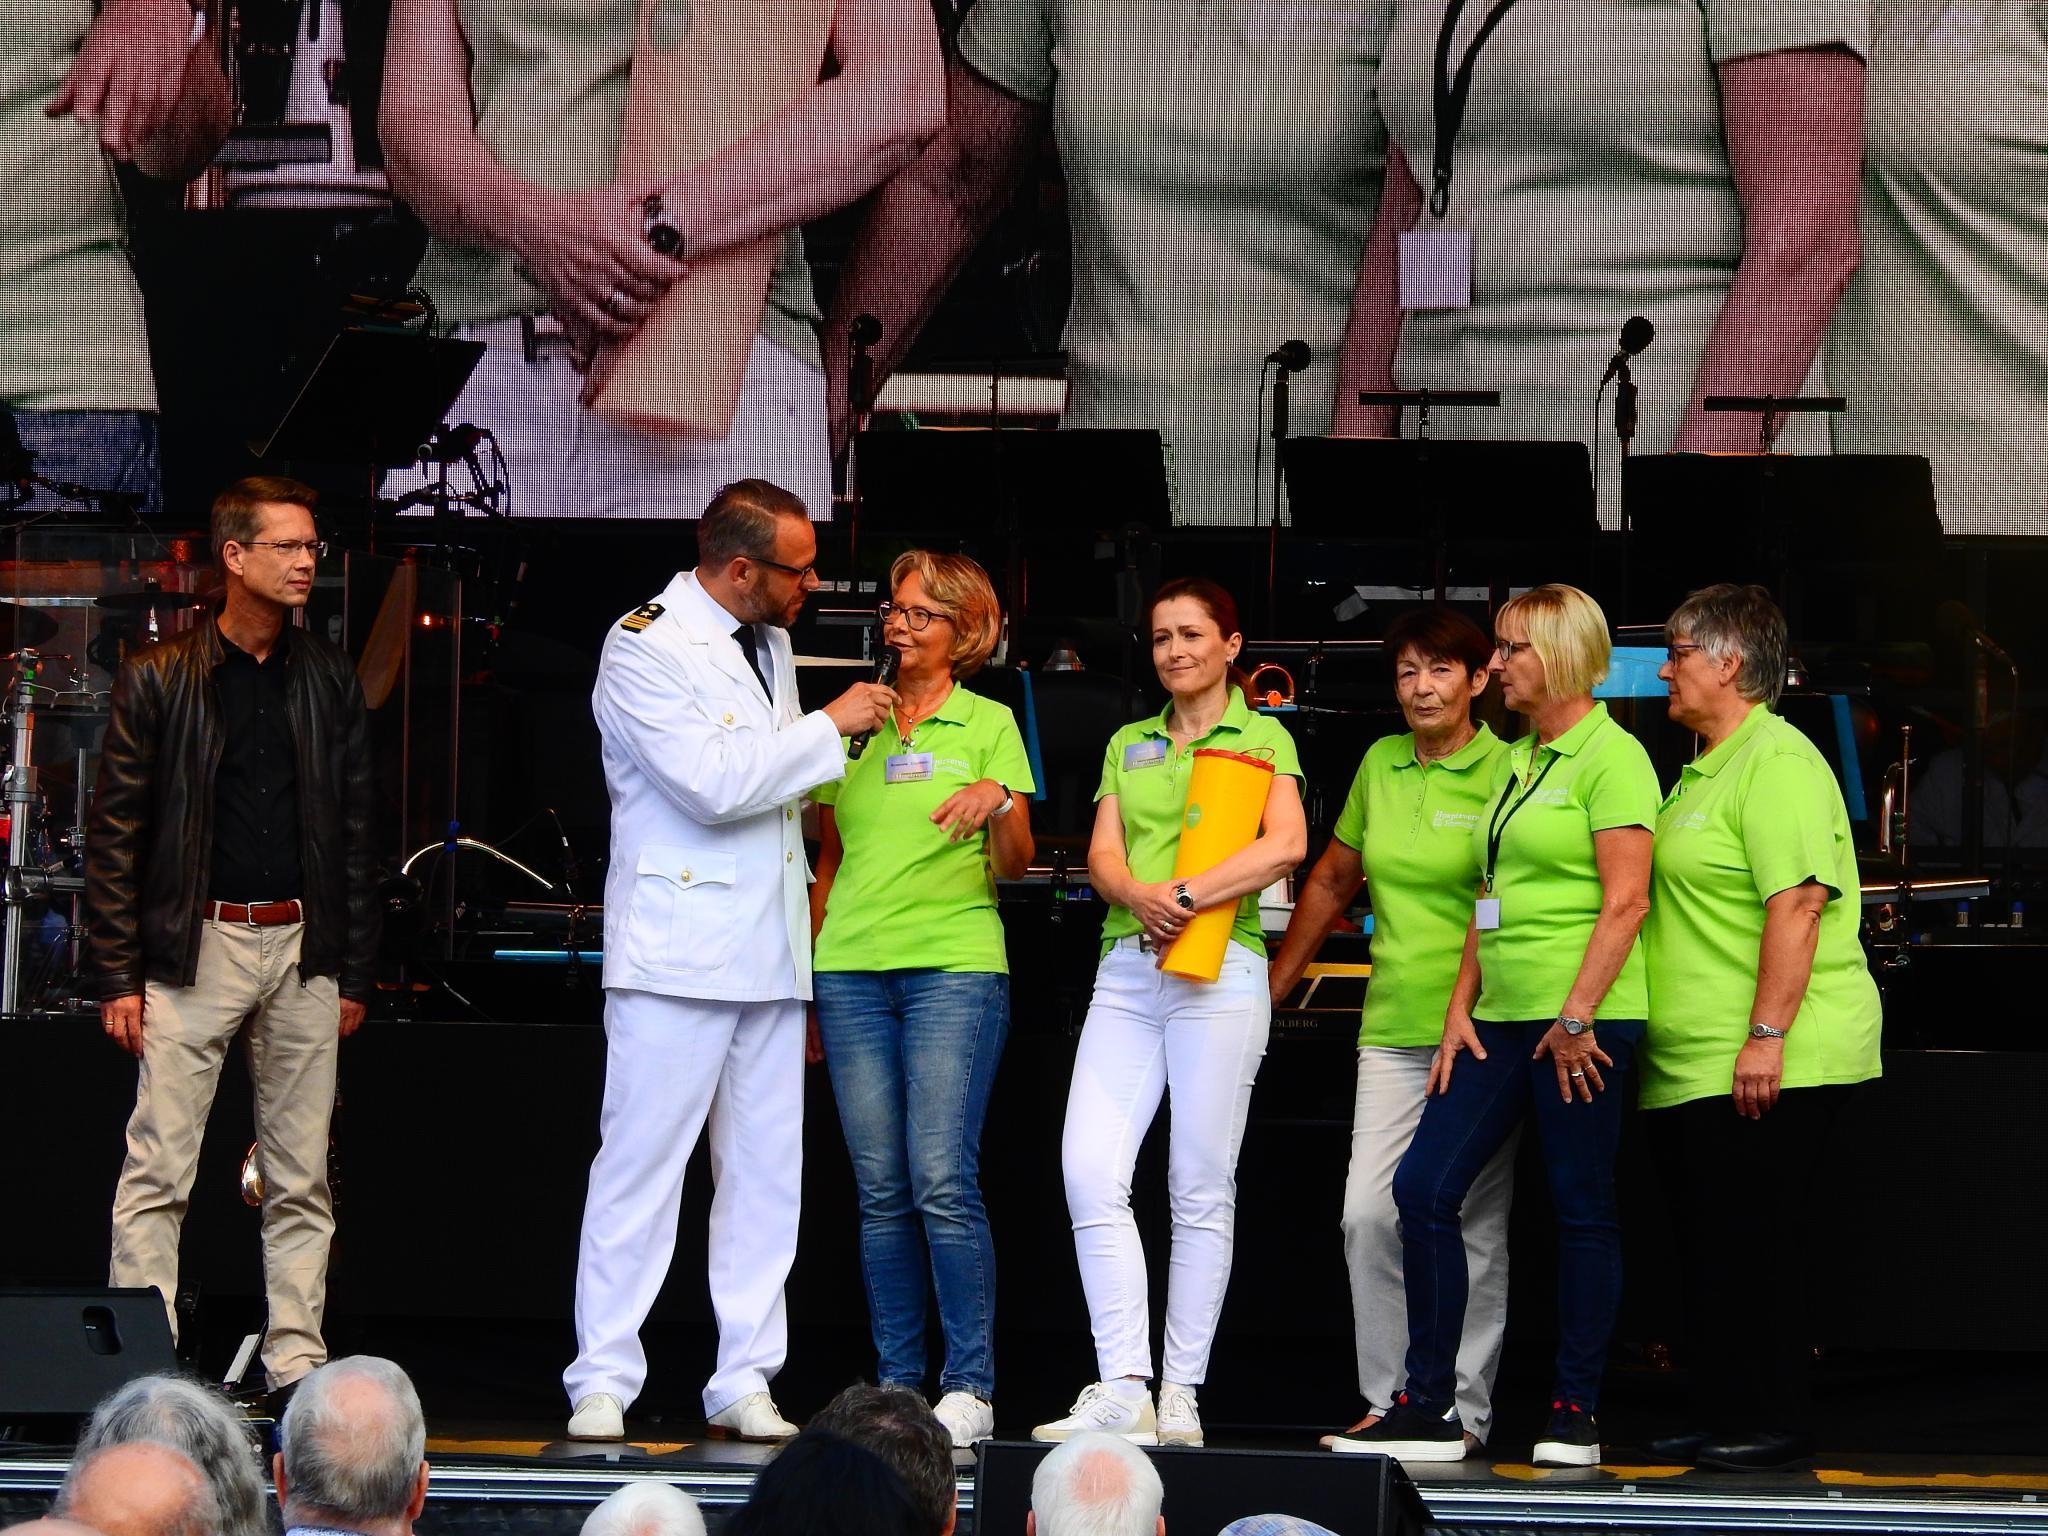 Der Hospizverein kann sich über 17.557,44 Euro Spenden freuen. Foto: Dirk Flieger